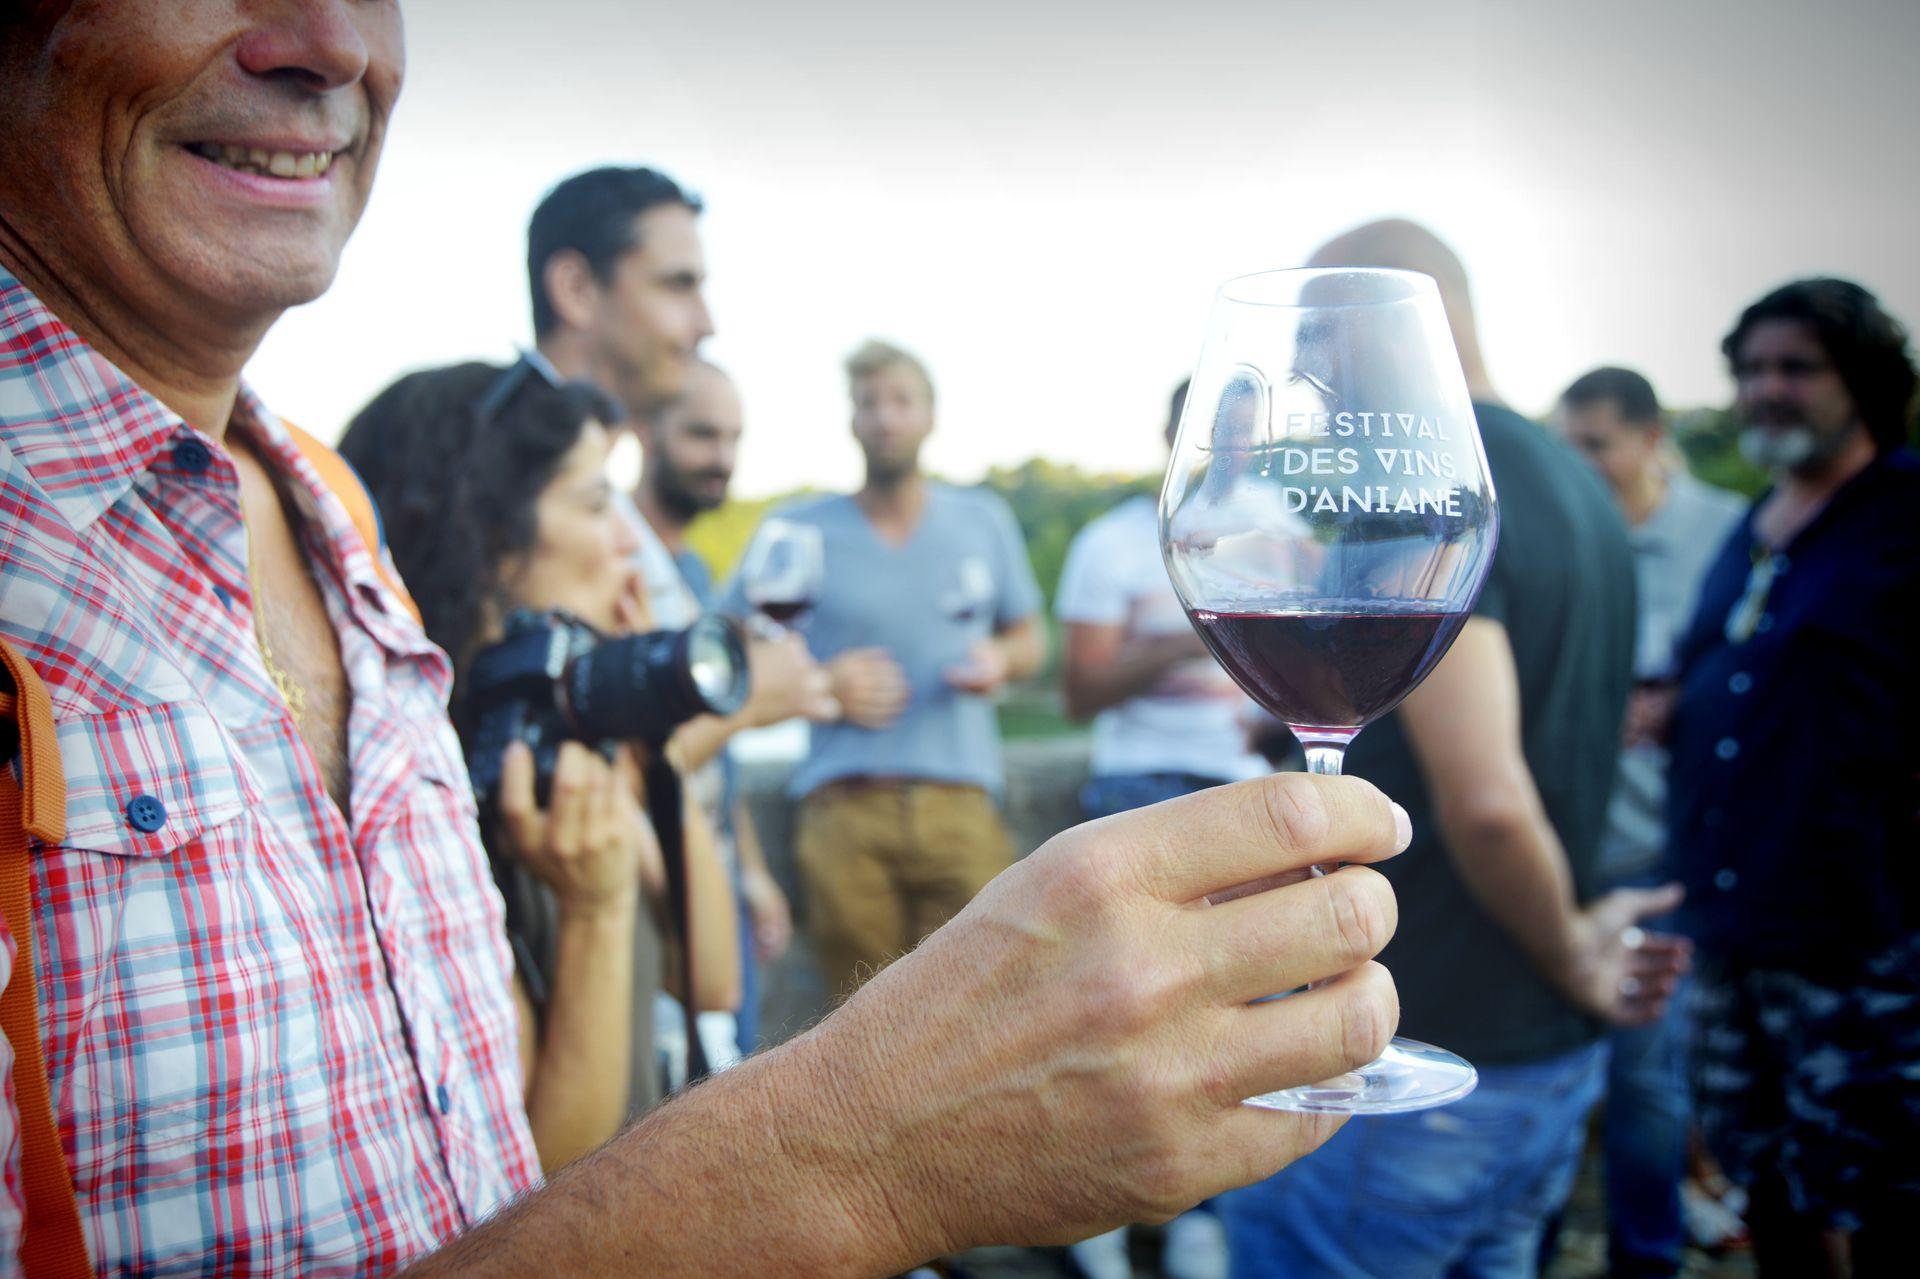 Festival des vins d'Aniane avec un verre de vin rouge au premier plan